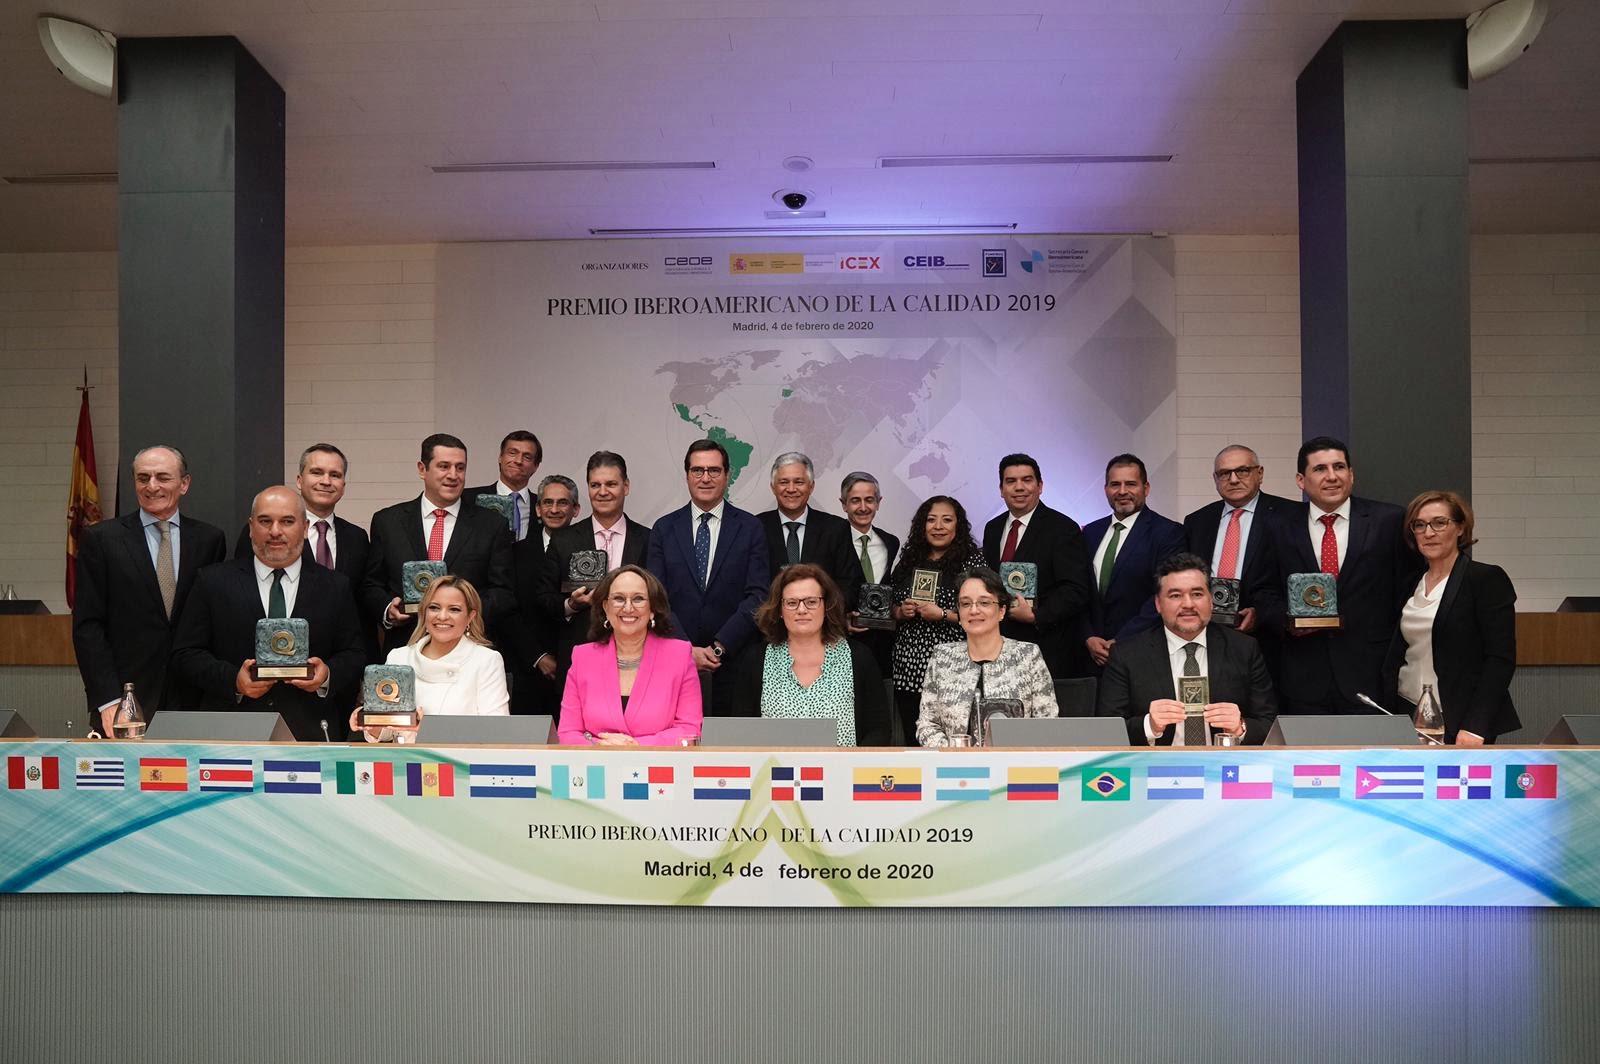 La tecnología y el medio ambiente fueron los temas principales de la cumbre fiscal de KPMG Iberoamérica